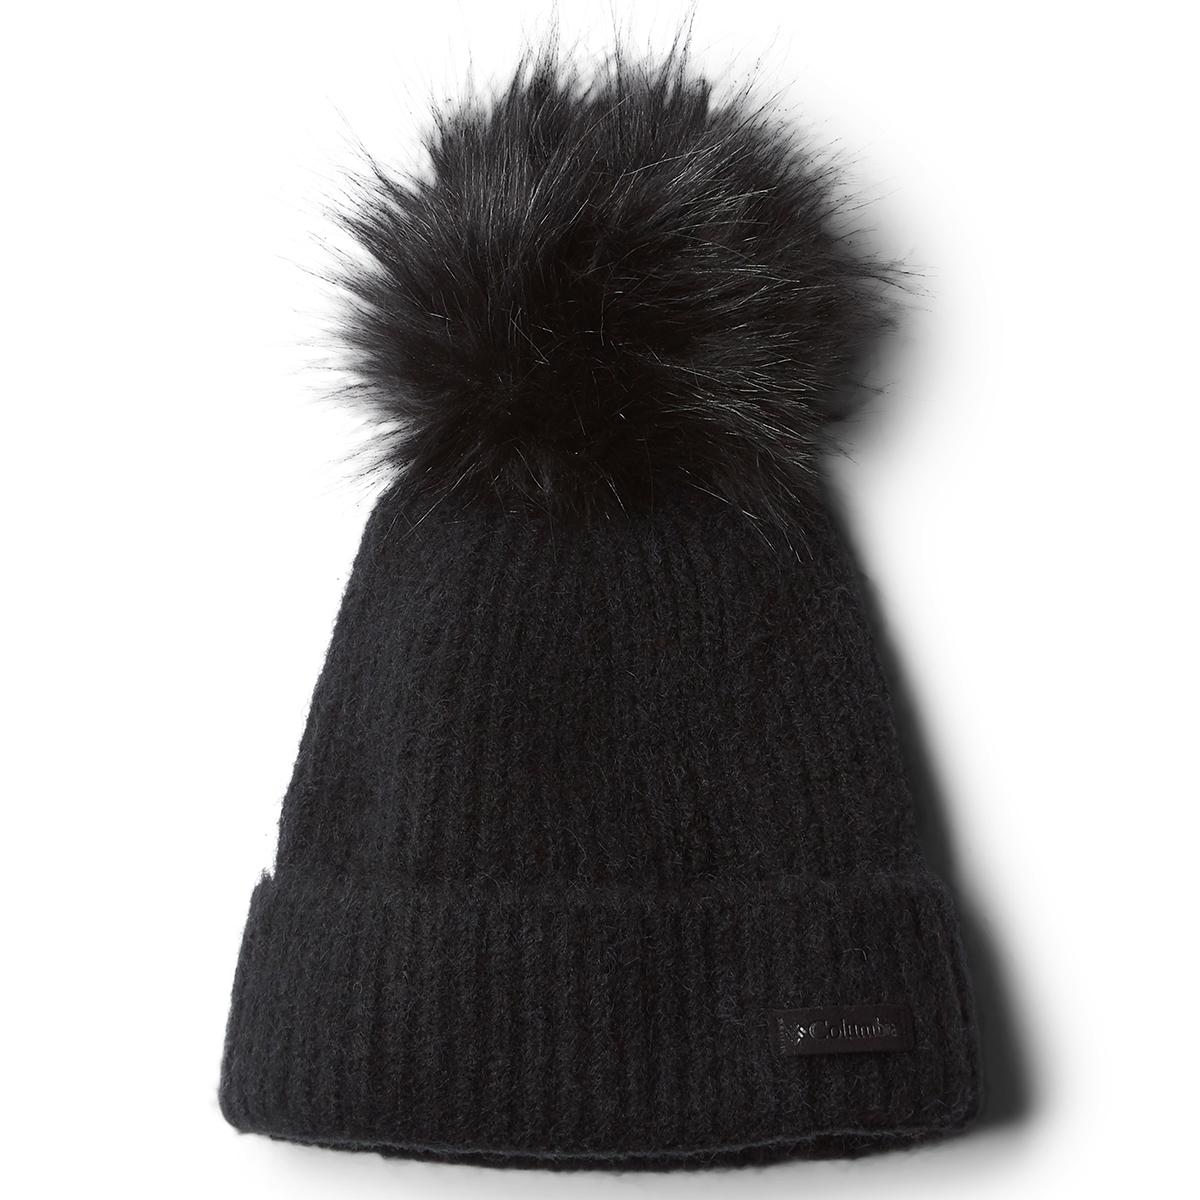 Columbia Women's Winter Blur Pom Pom Beanie - Black, ONESIZE